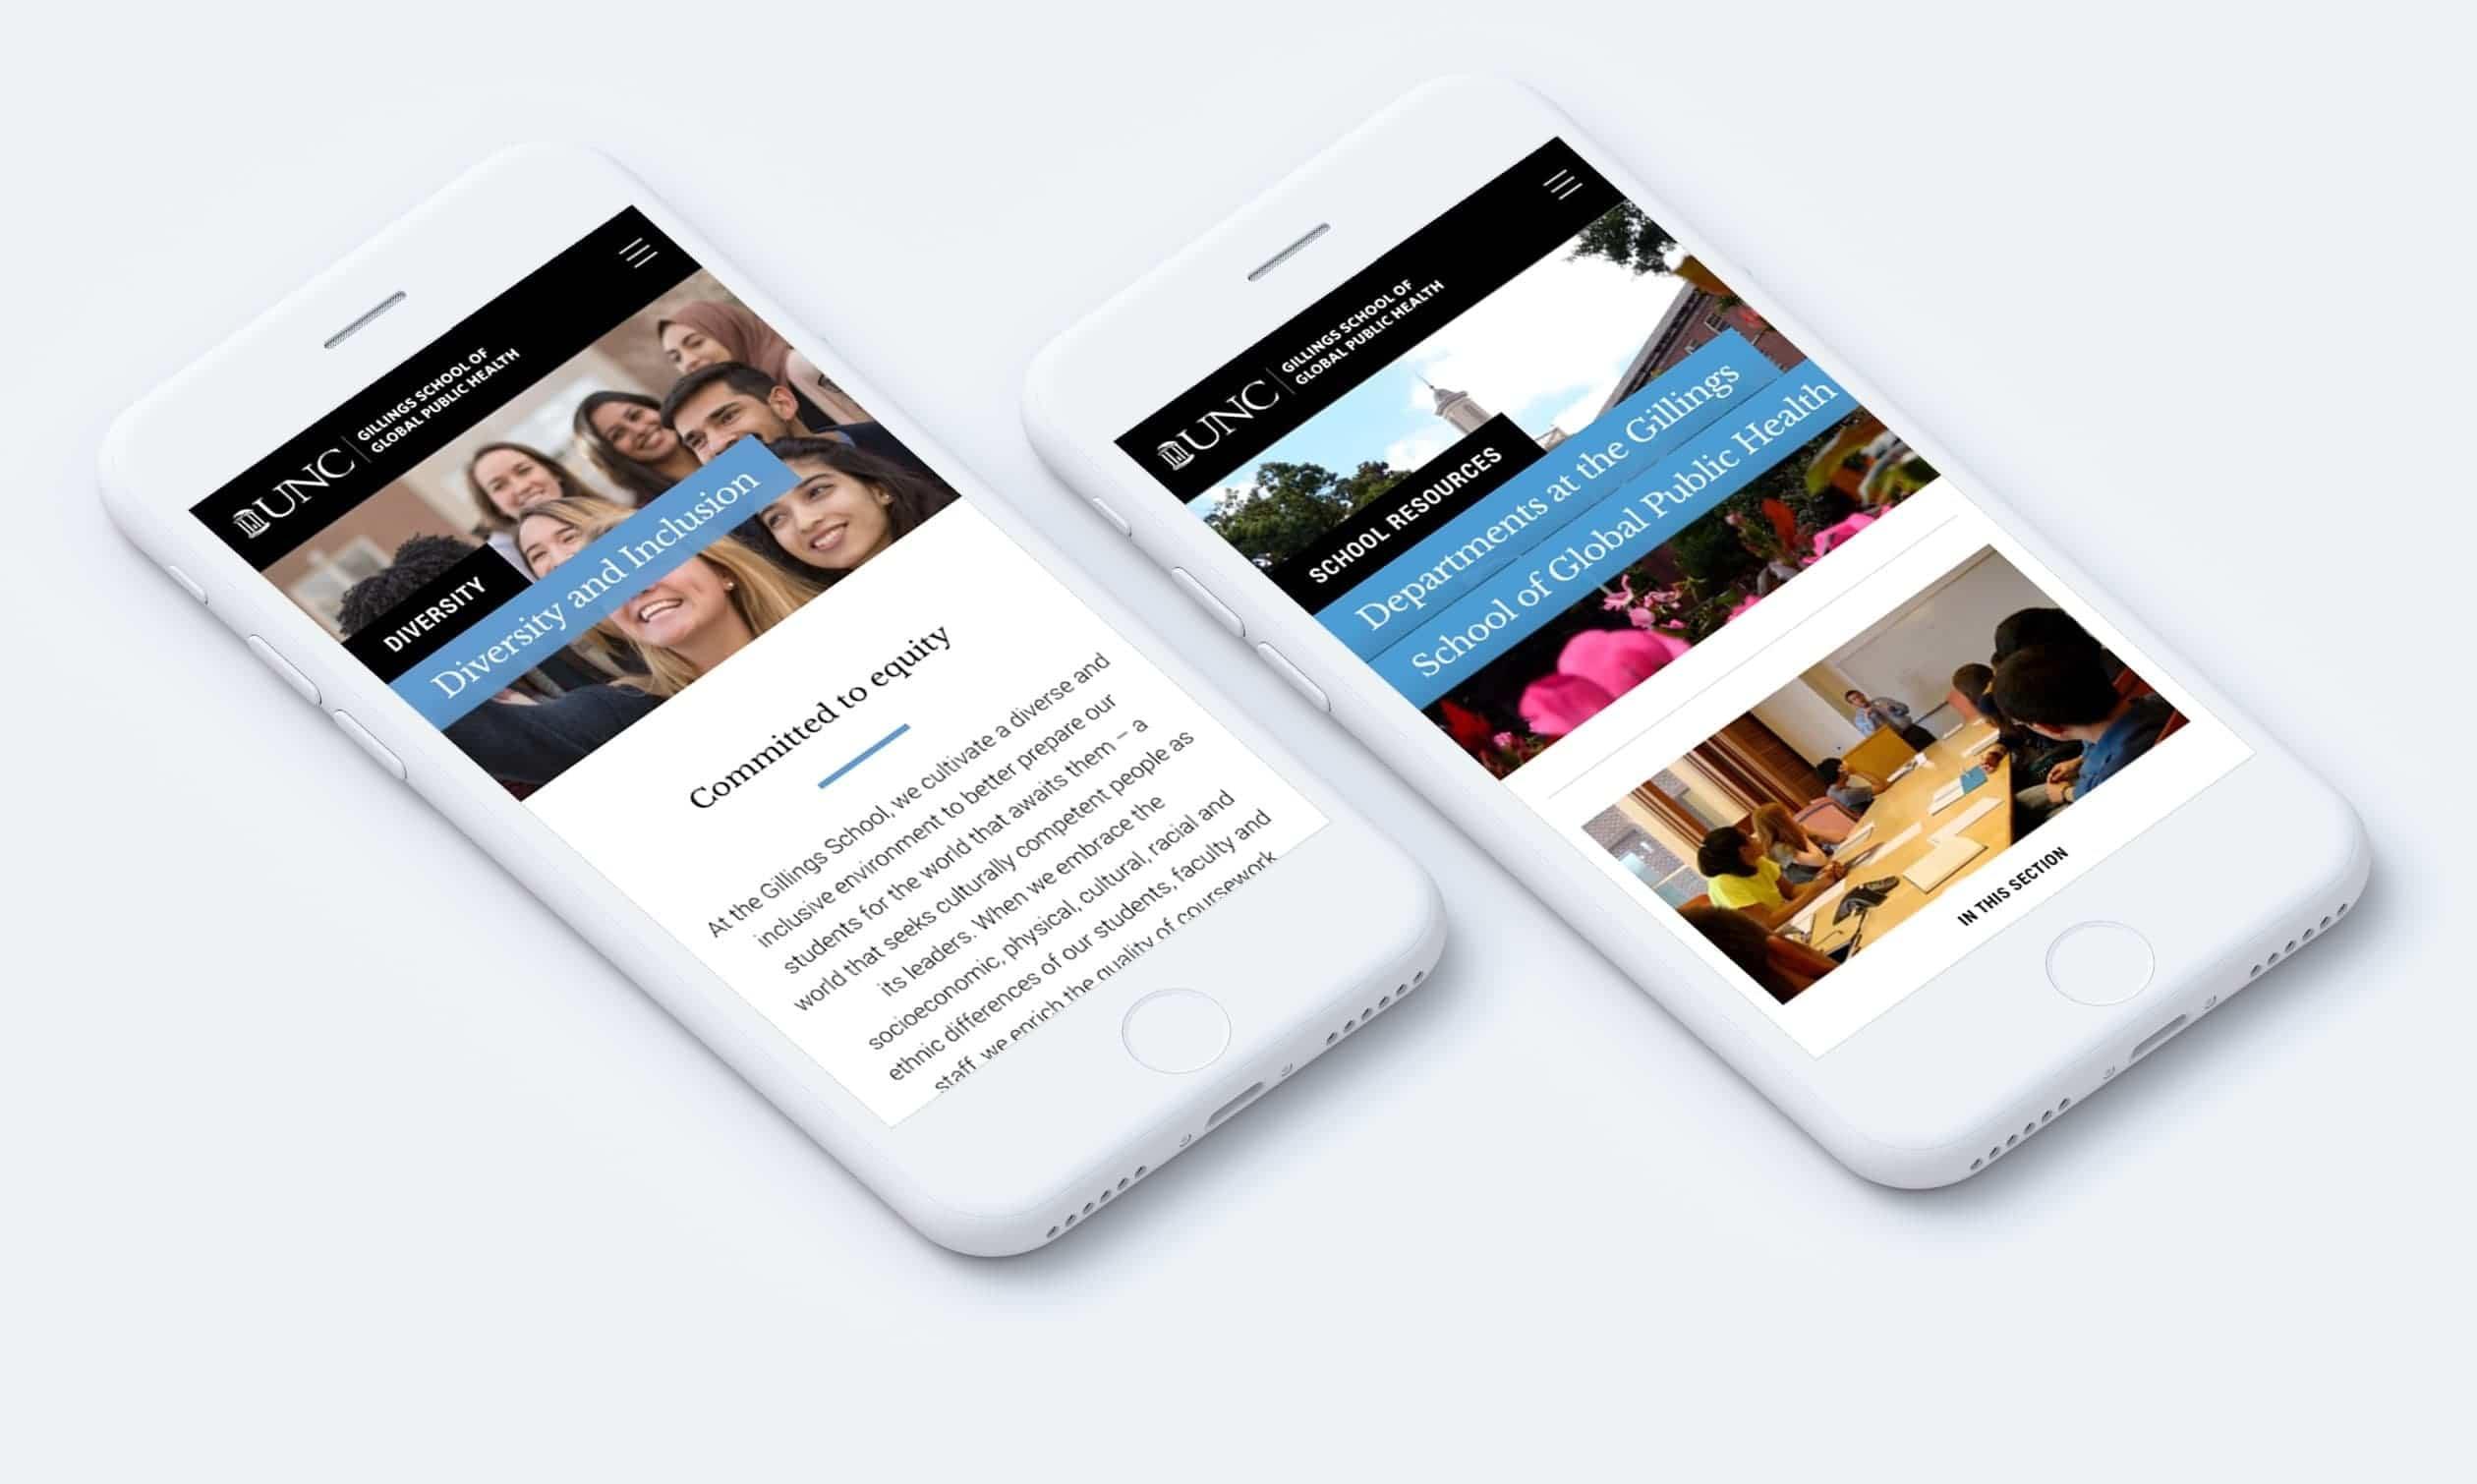 UNC Gillings School responsive website on mobile phones